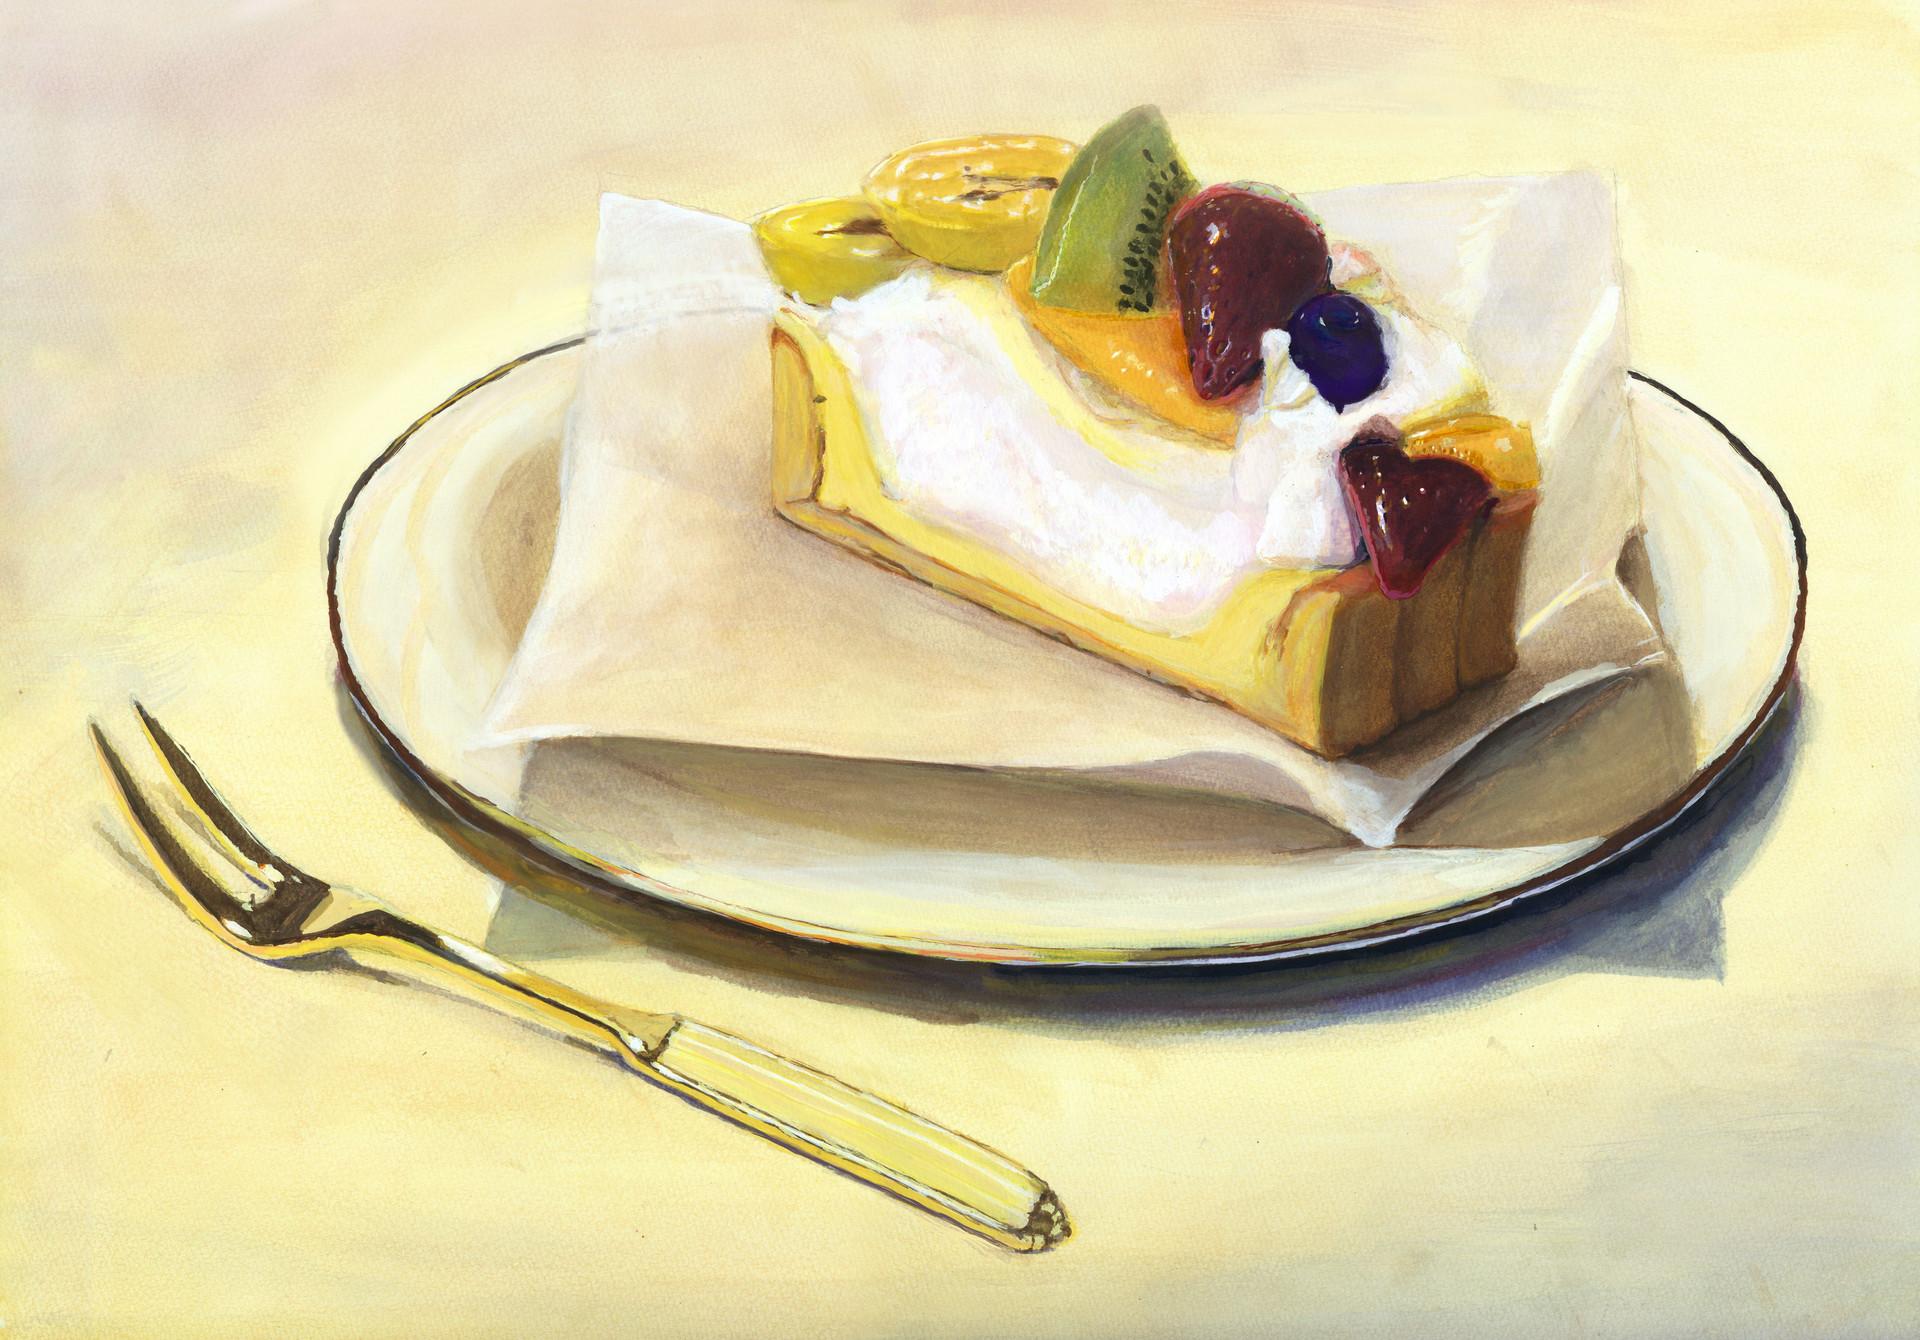 Keishu nakao cake3